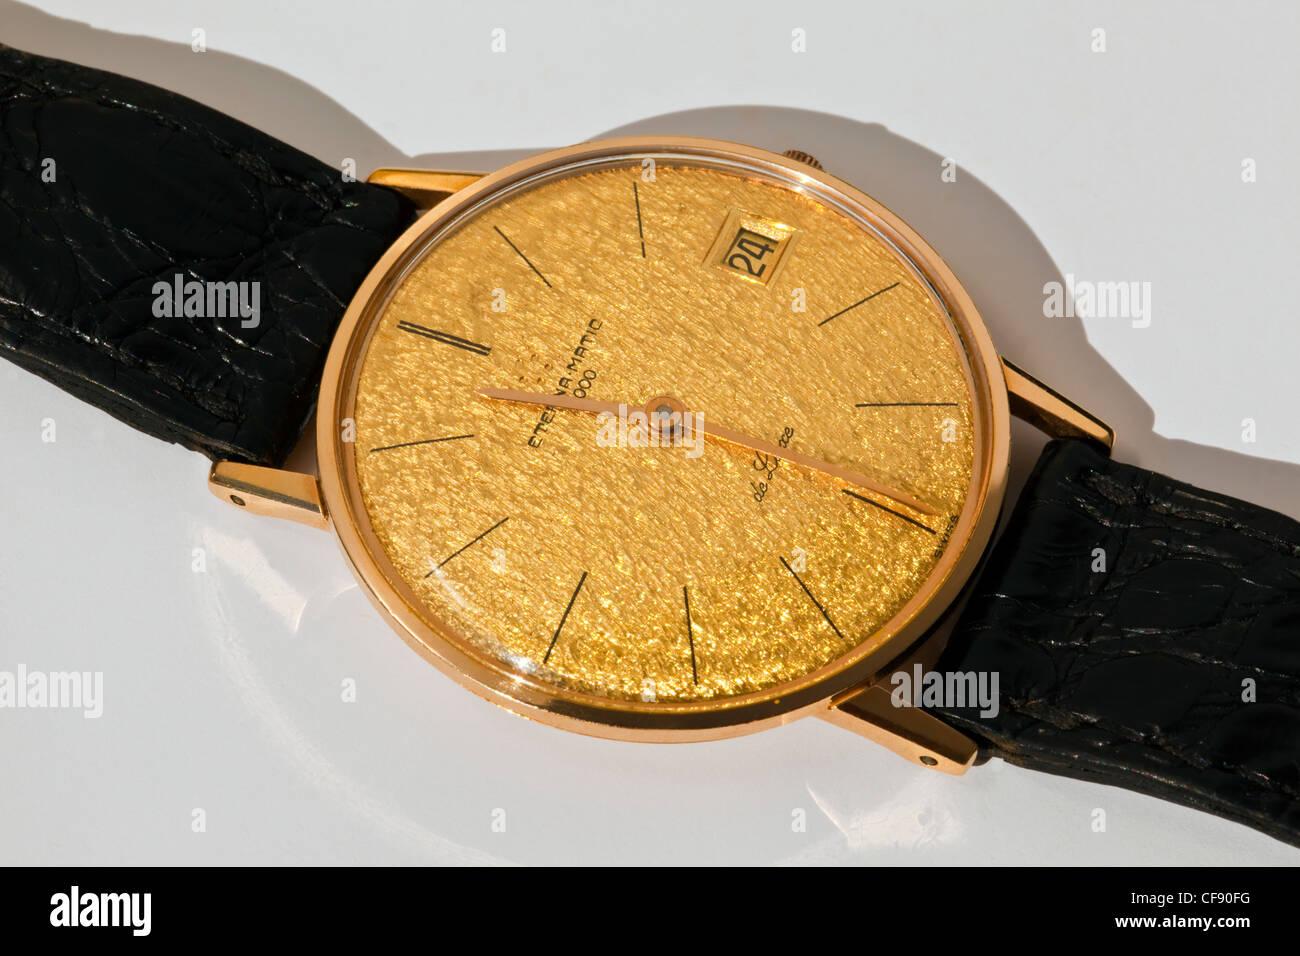 Eterna Matic 3000 de Luxe wrist watch - Stock Image